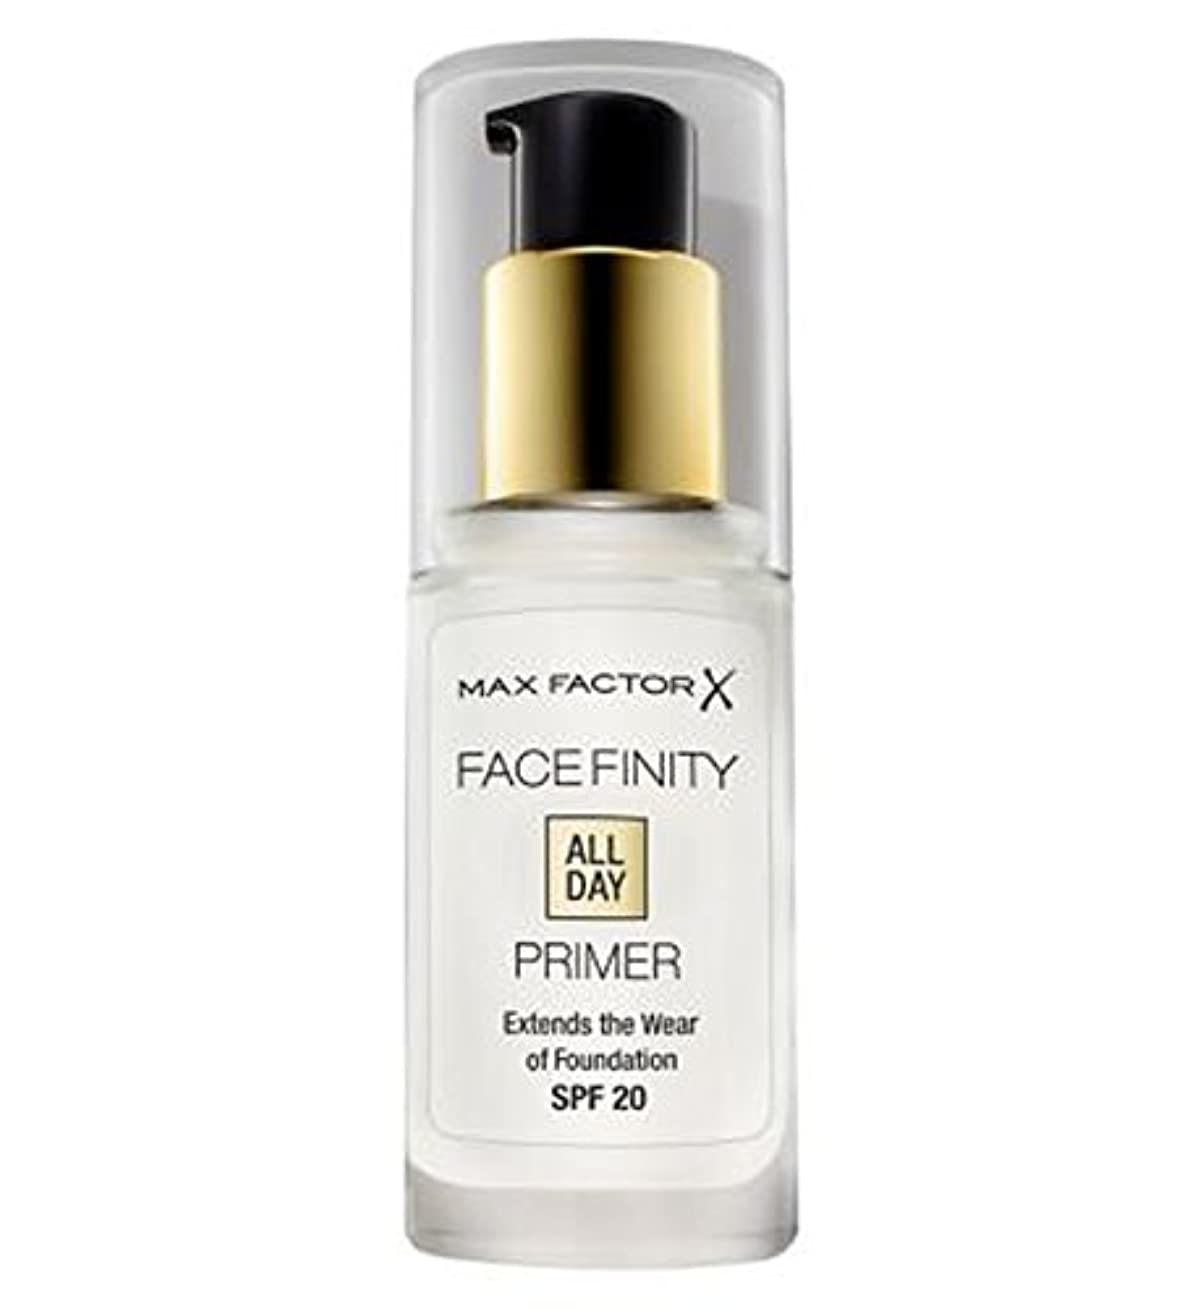 お尻ハドル命令的Max Factor Facefinity All Day Primer - マックスファクターのFacefinity終日プライマー (Max Factor) [並行輸入品]